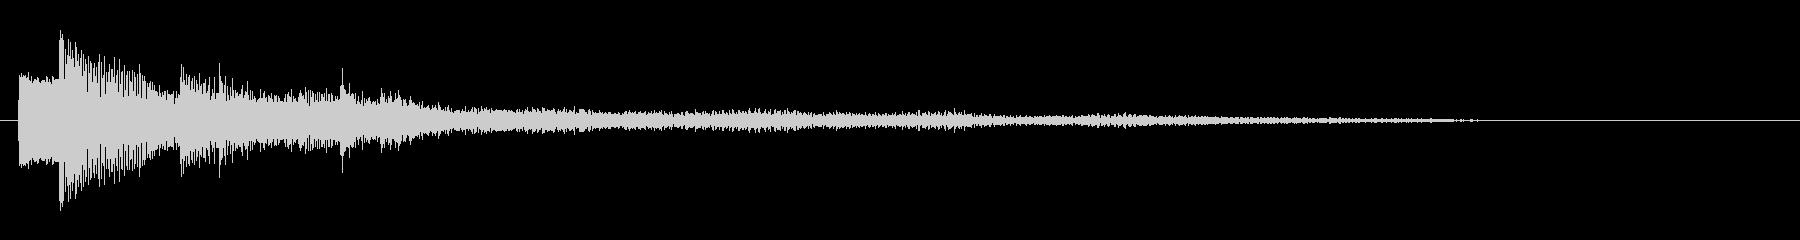 KANT近未来ジングル011041の未再生の波形